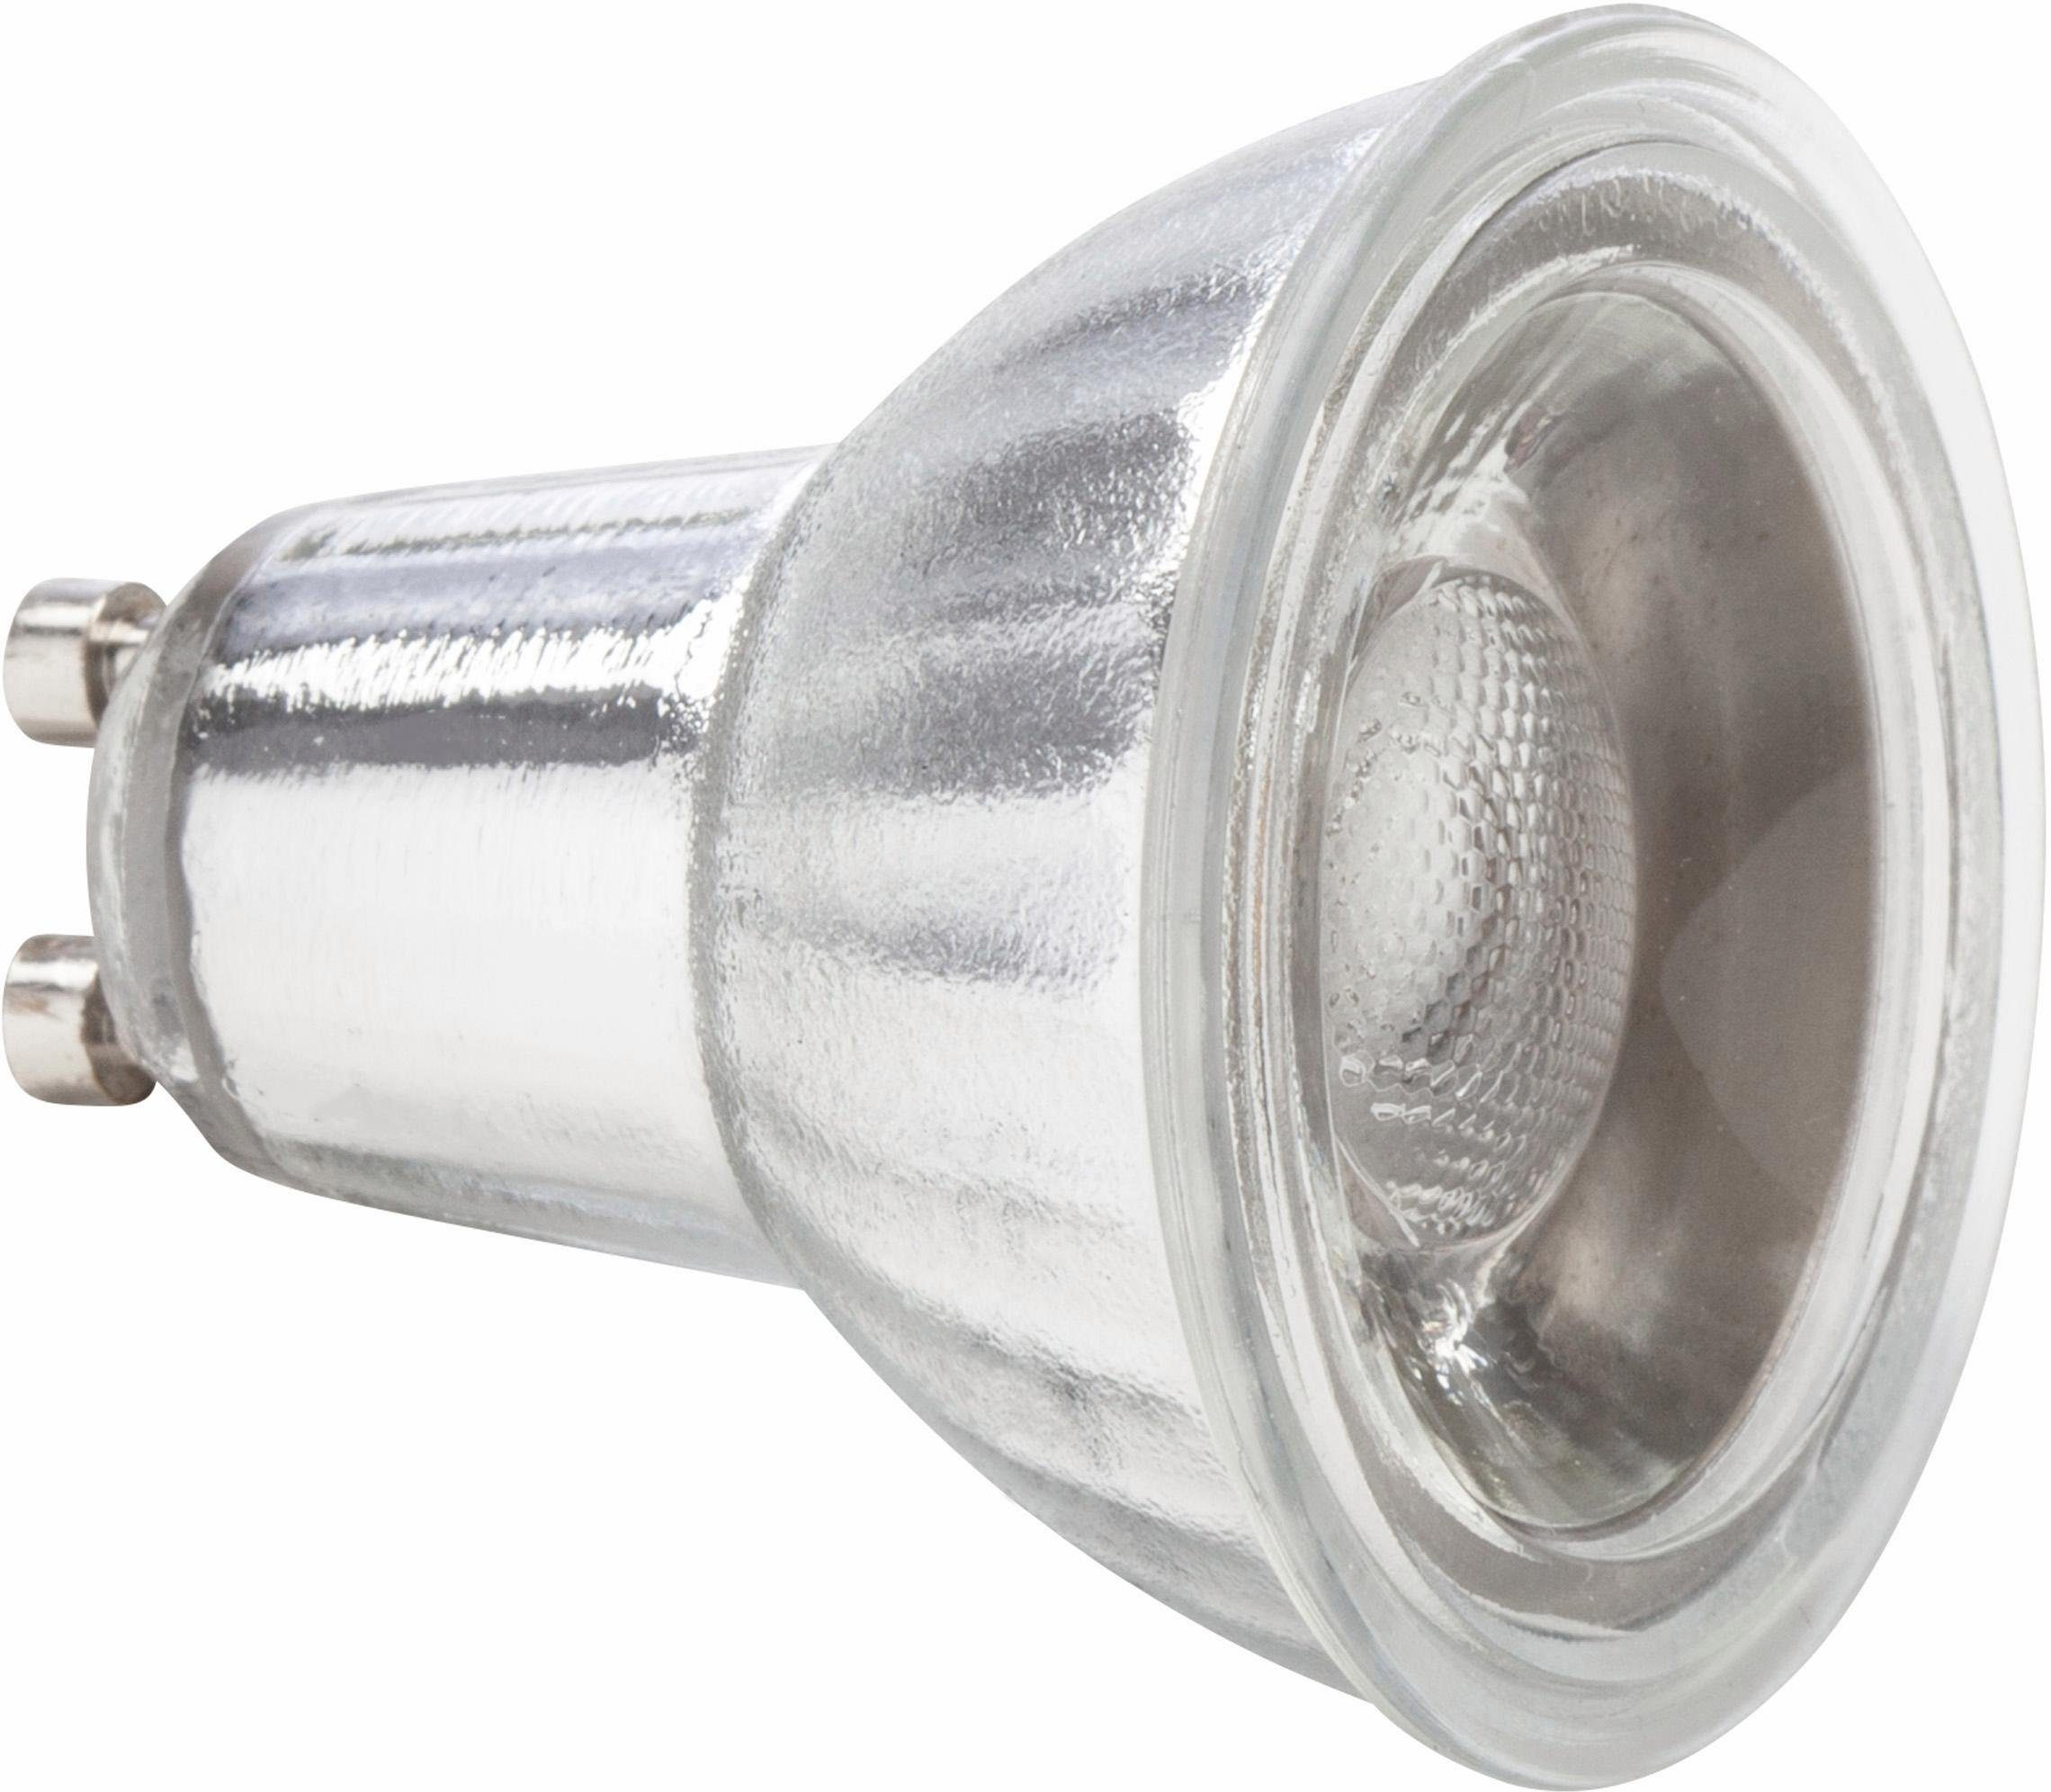 MÜLLER LICHT »Reflektor« LED-Leuchtmittel, GU10, 4 Stück, Warmweiß